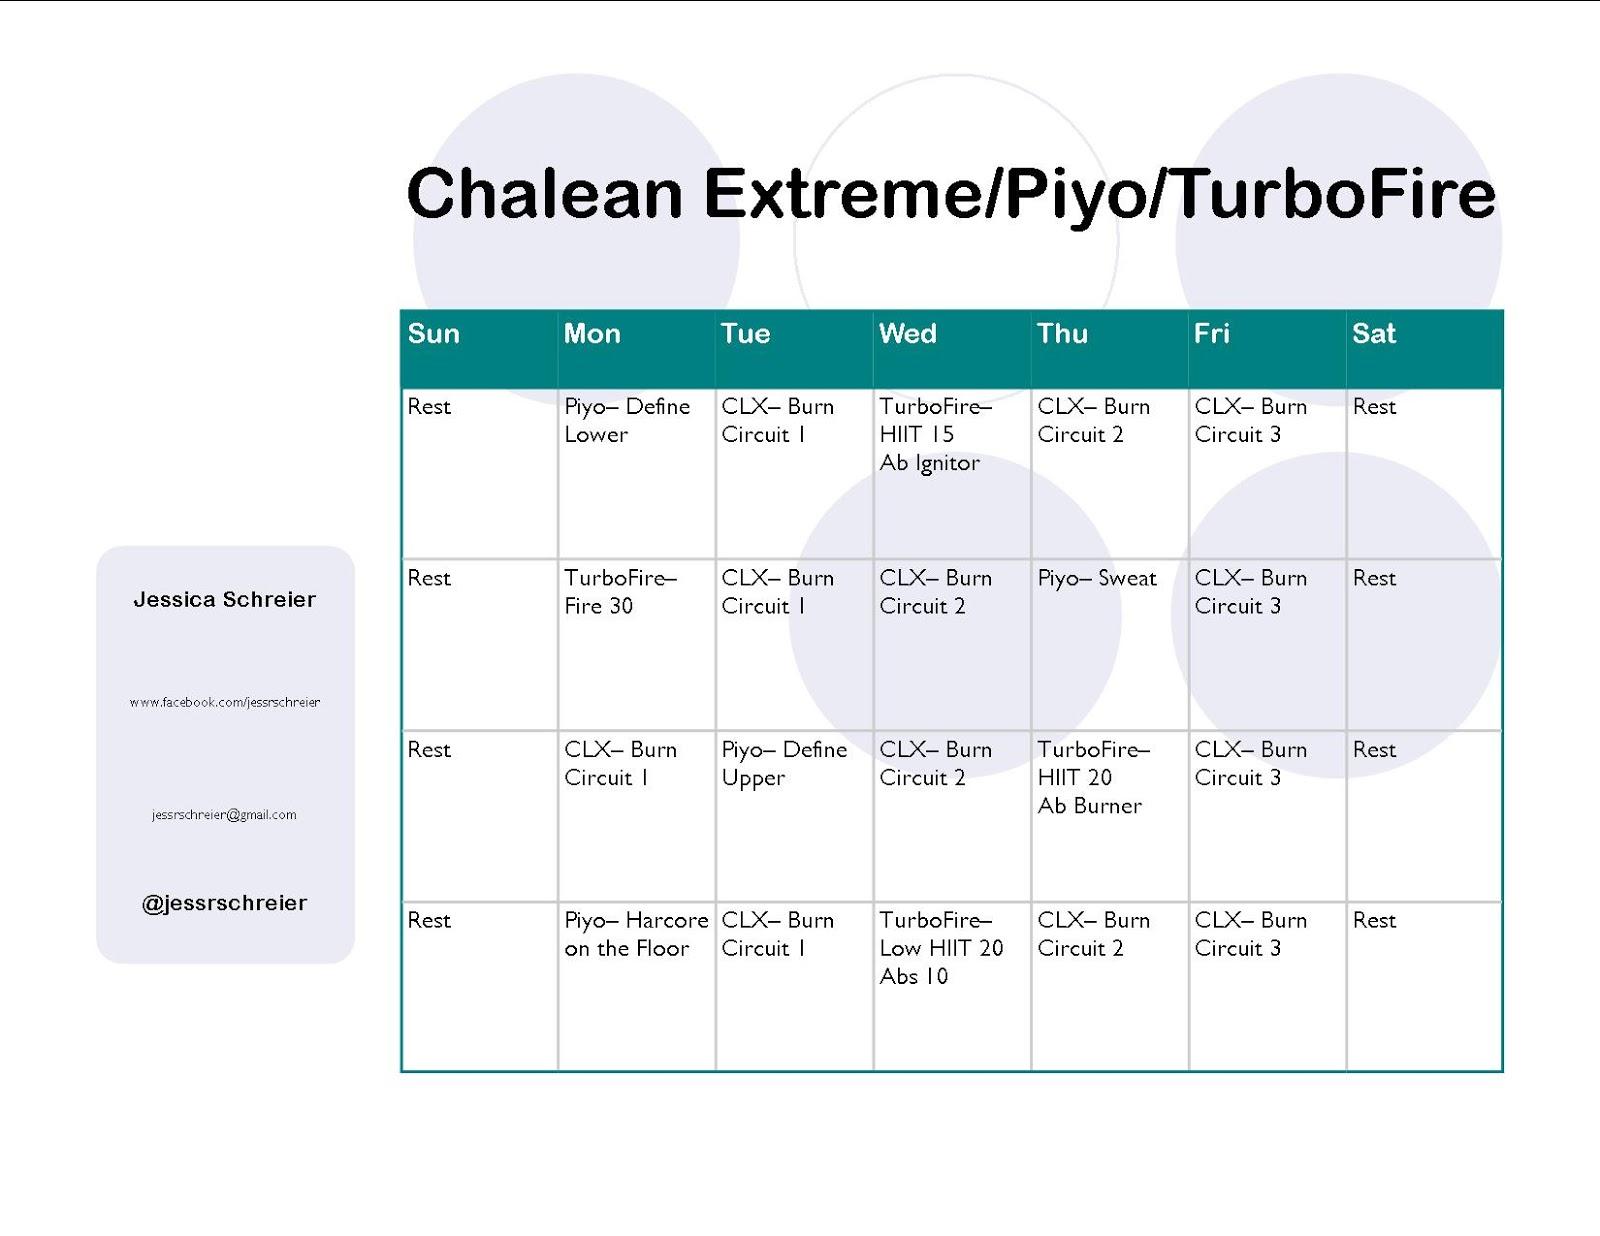 Chalean Extreme Turbofire Hybrid Schedule